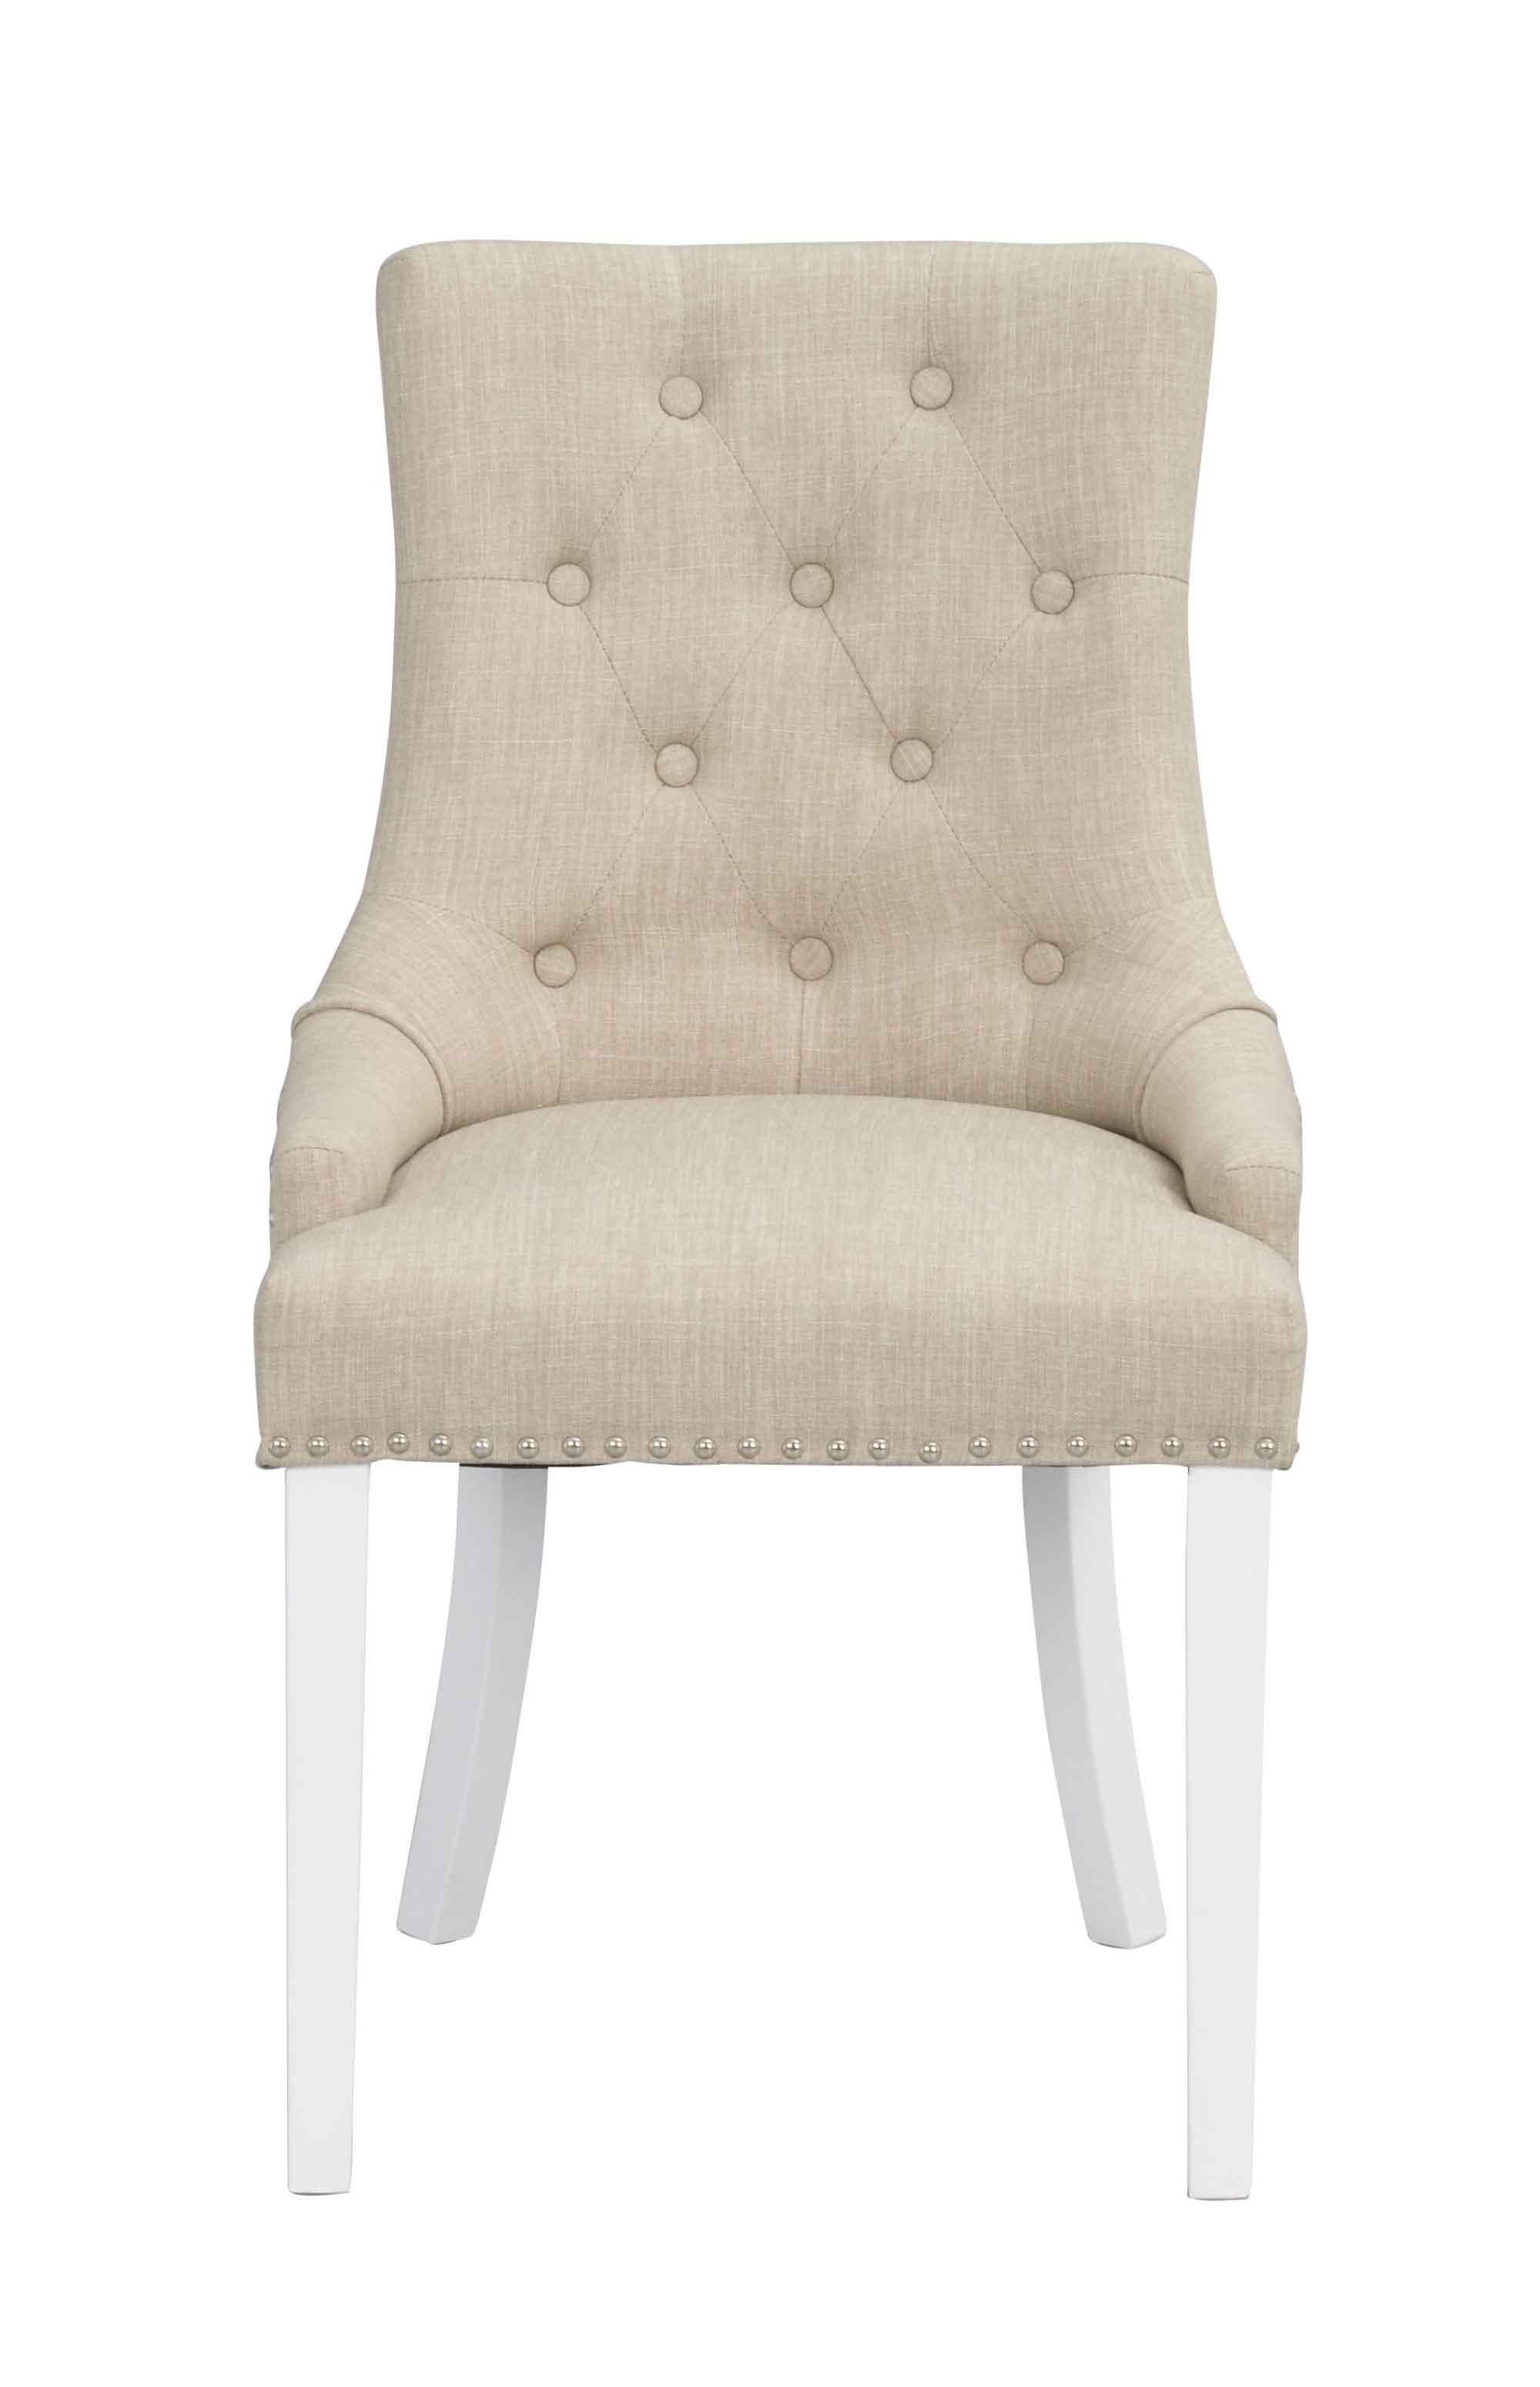 Vicky spisebordsstol - Beige stof, hvide træben